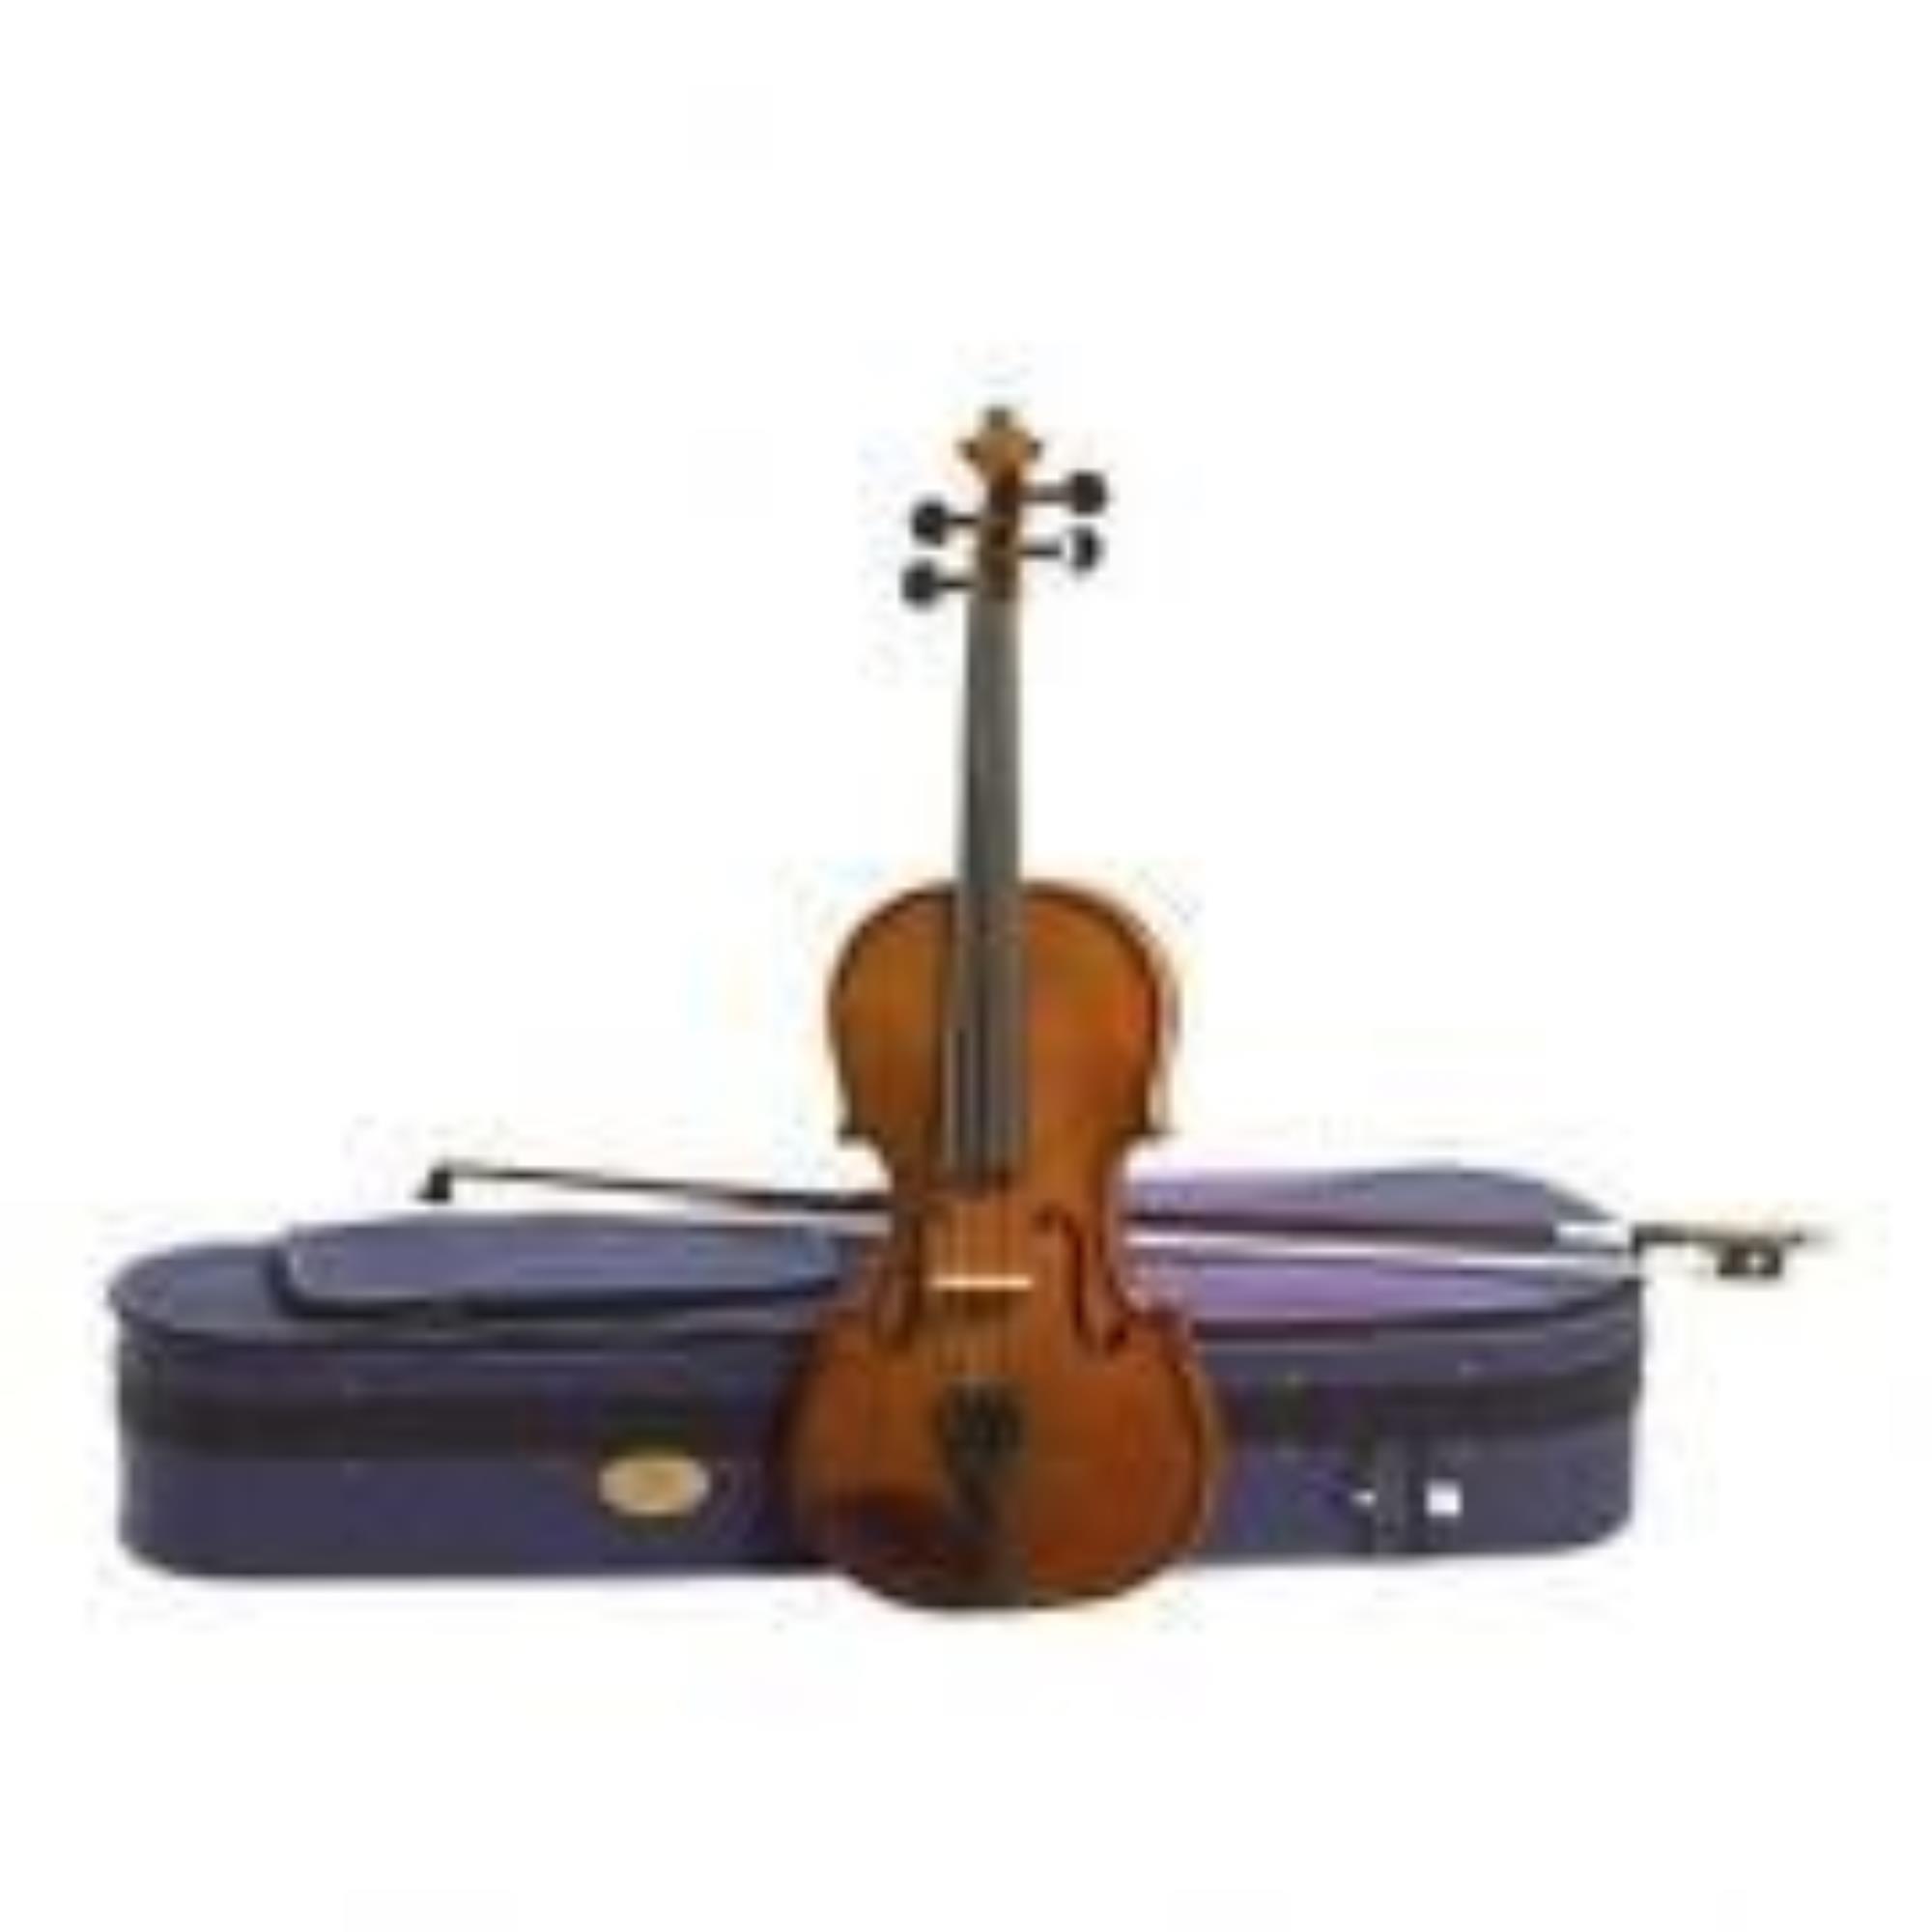 EKO-EBV-1410-violino-3-4-sku-24588